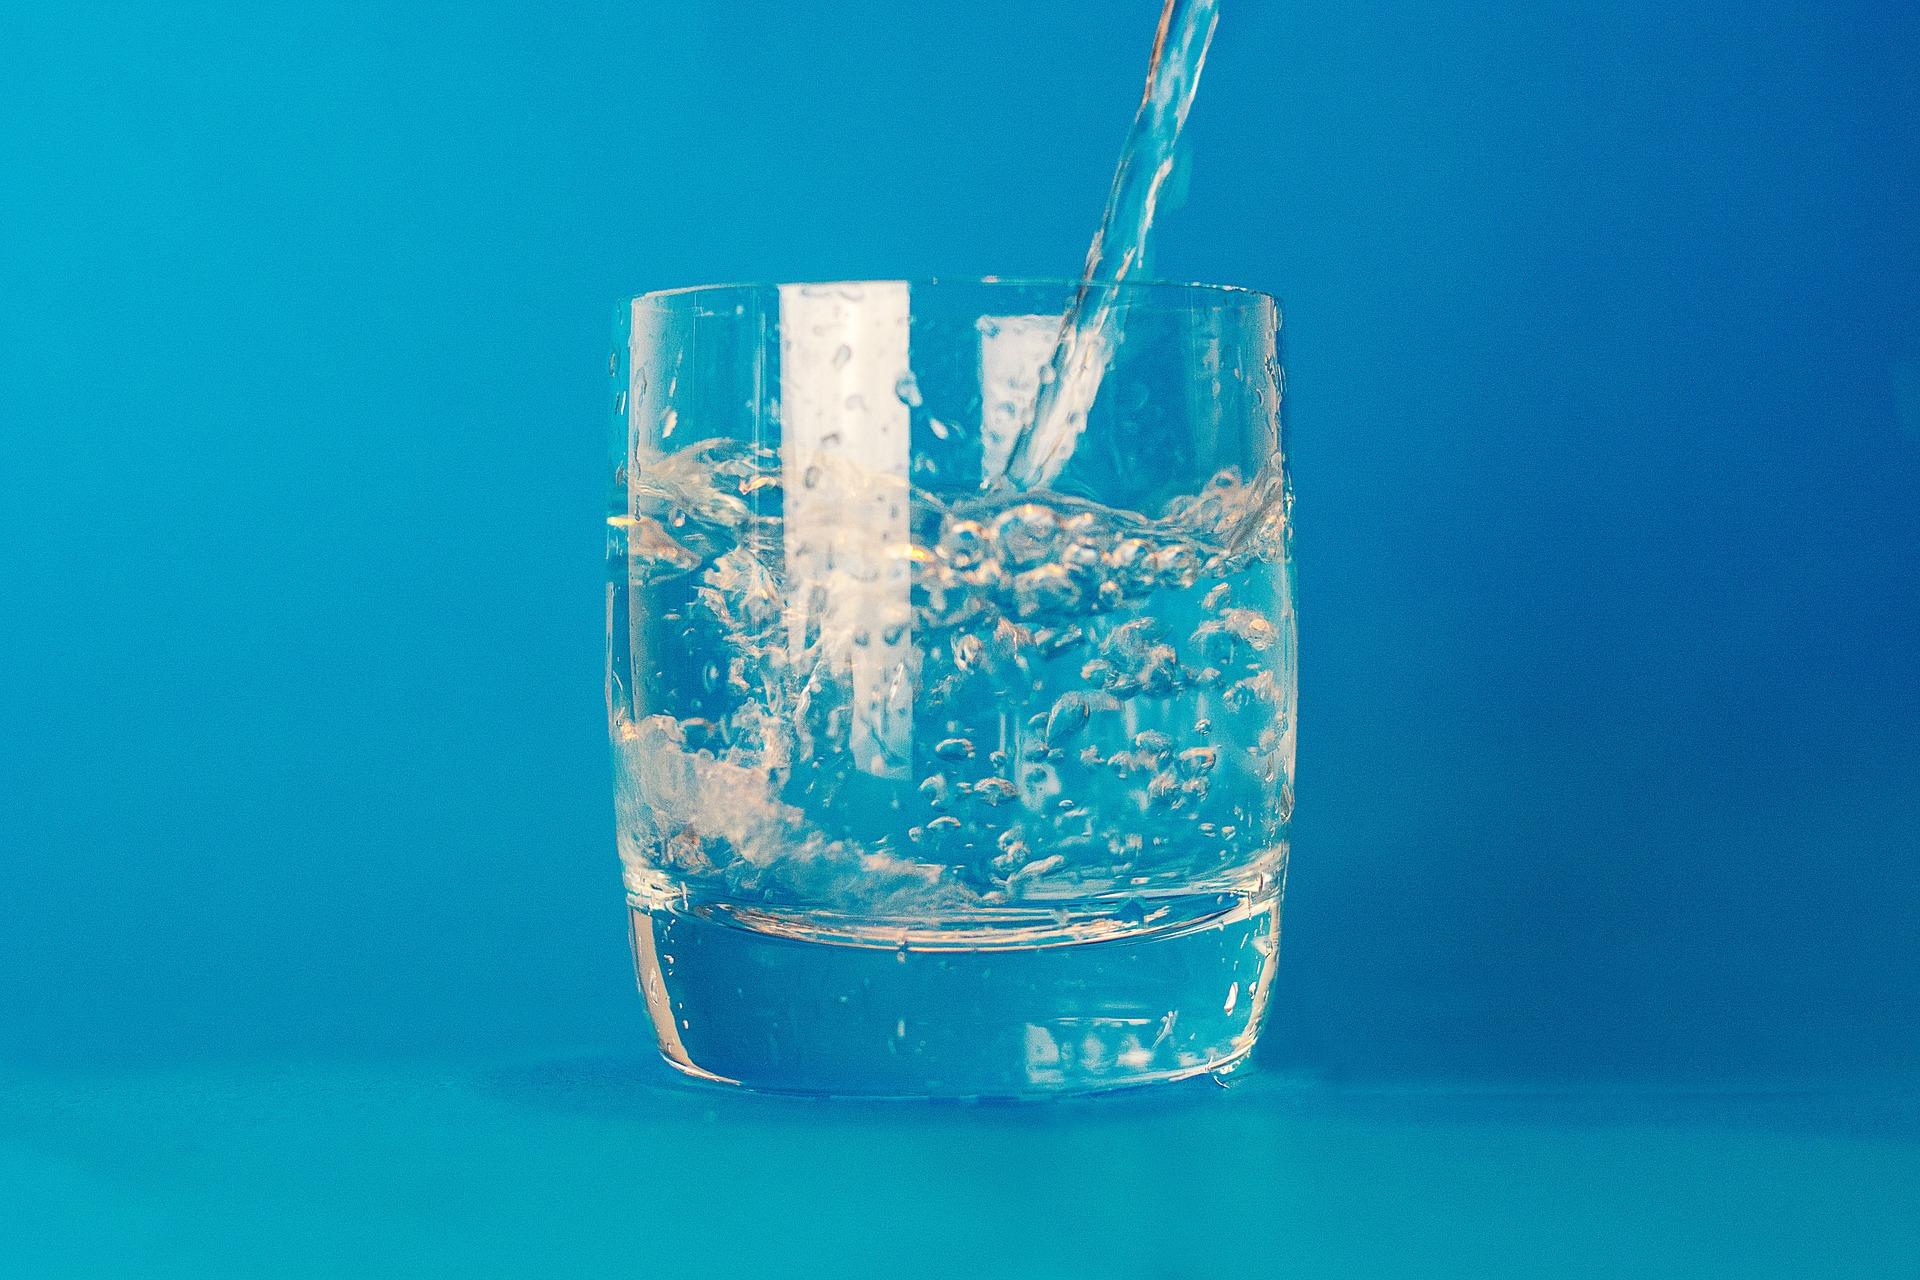 Une eau purifiée